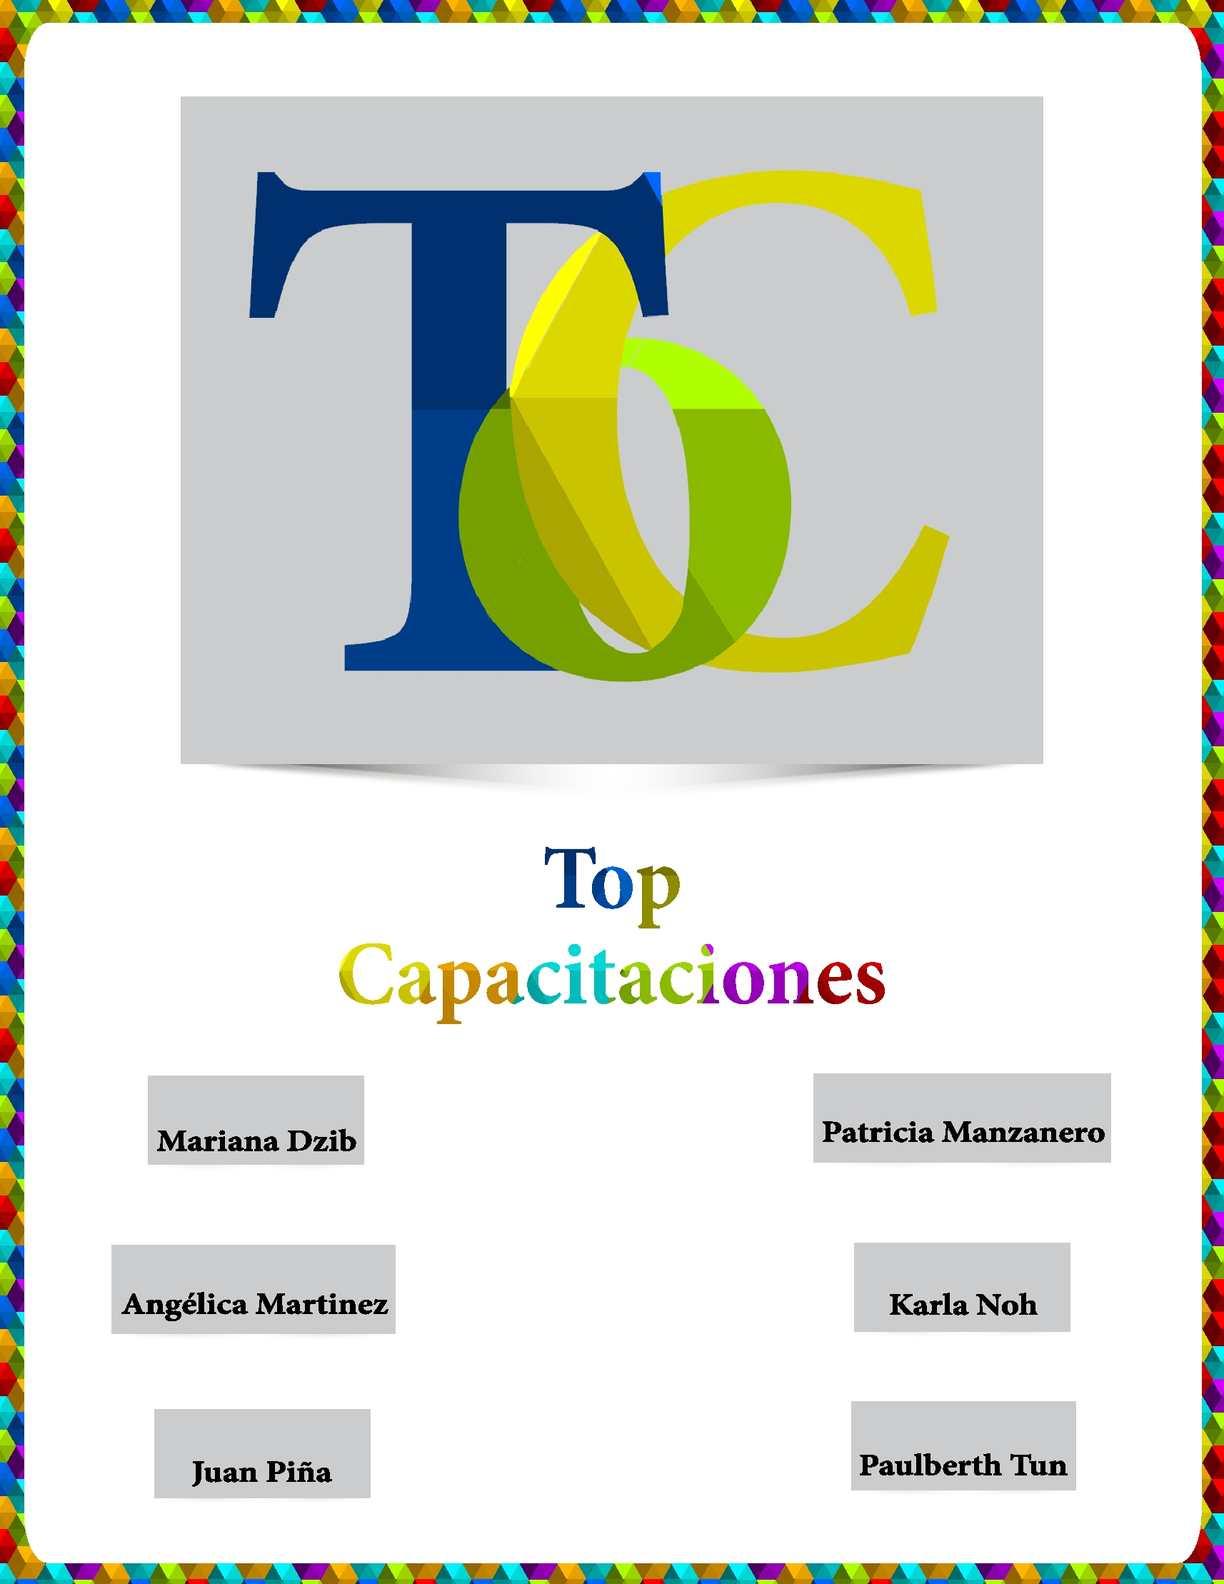 Calaméo - Top Capacitaciones Documento de Negocios